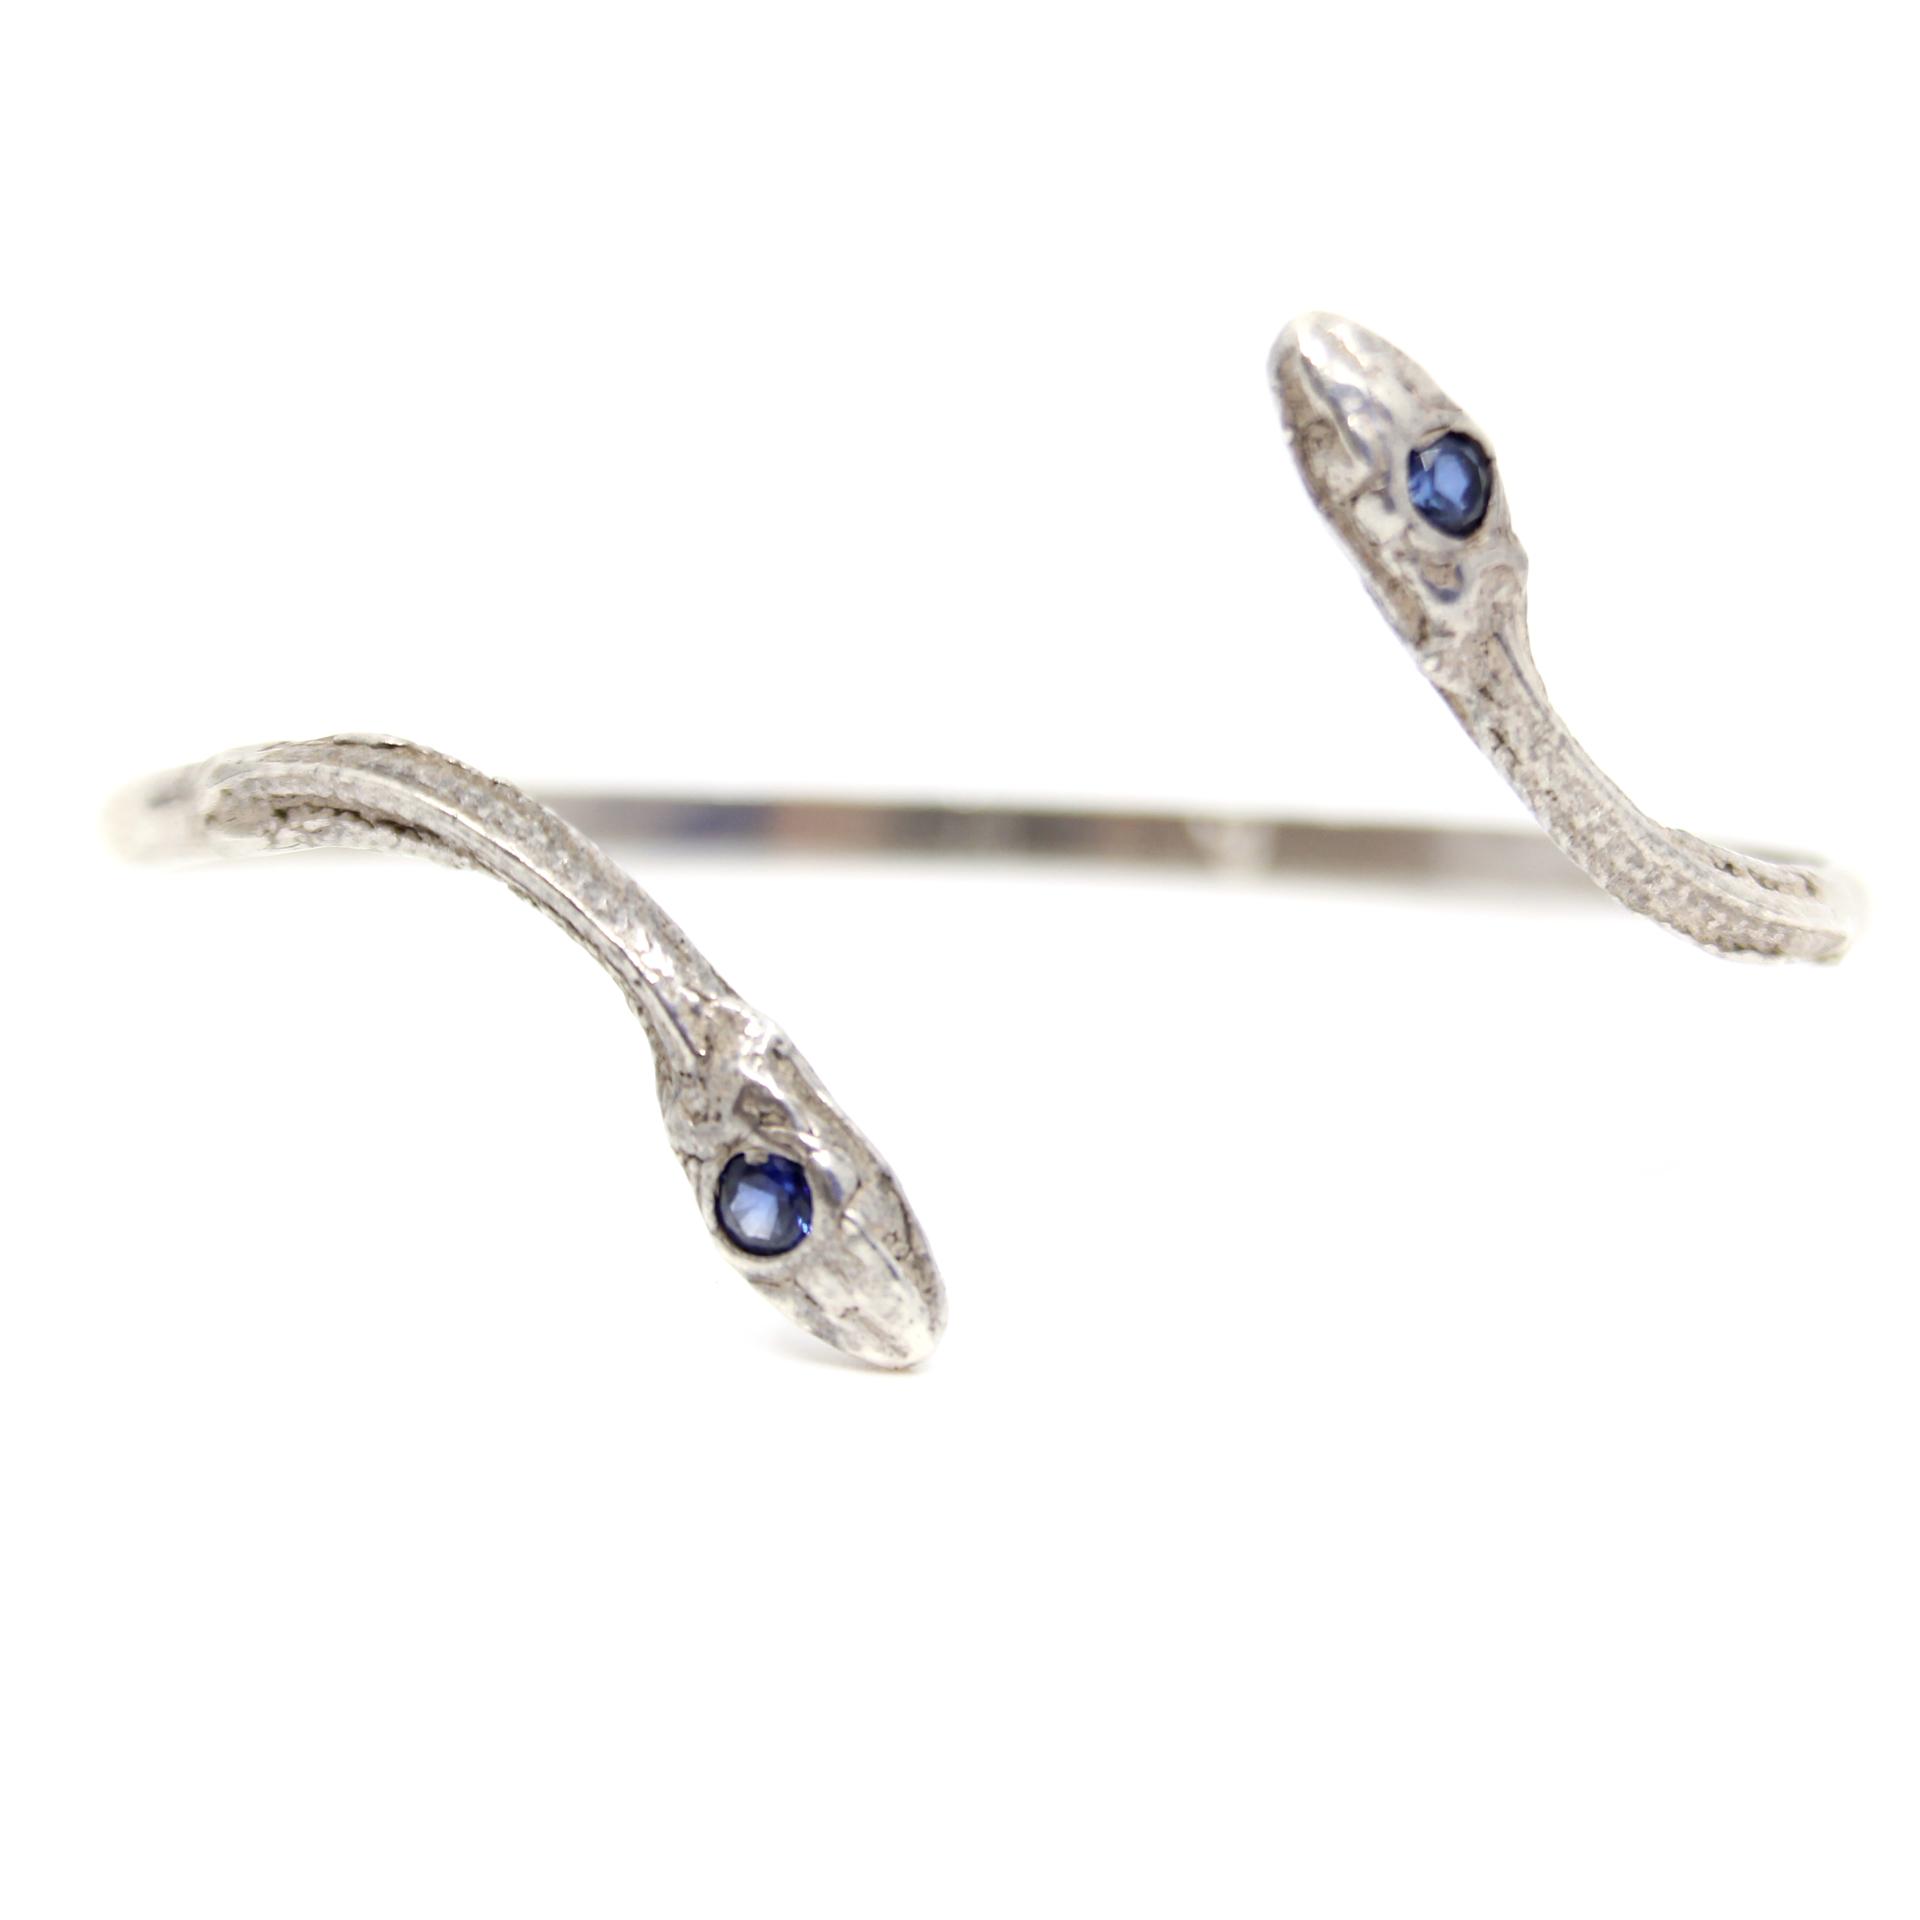 Sapphire Serpentine Cuff by Anna Johnson